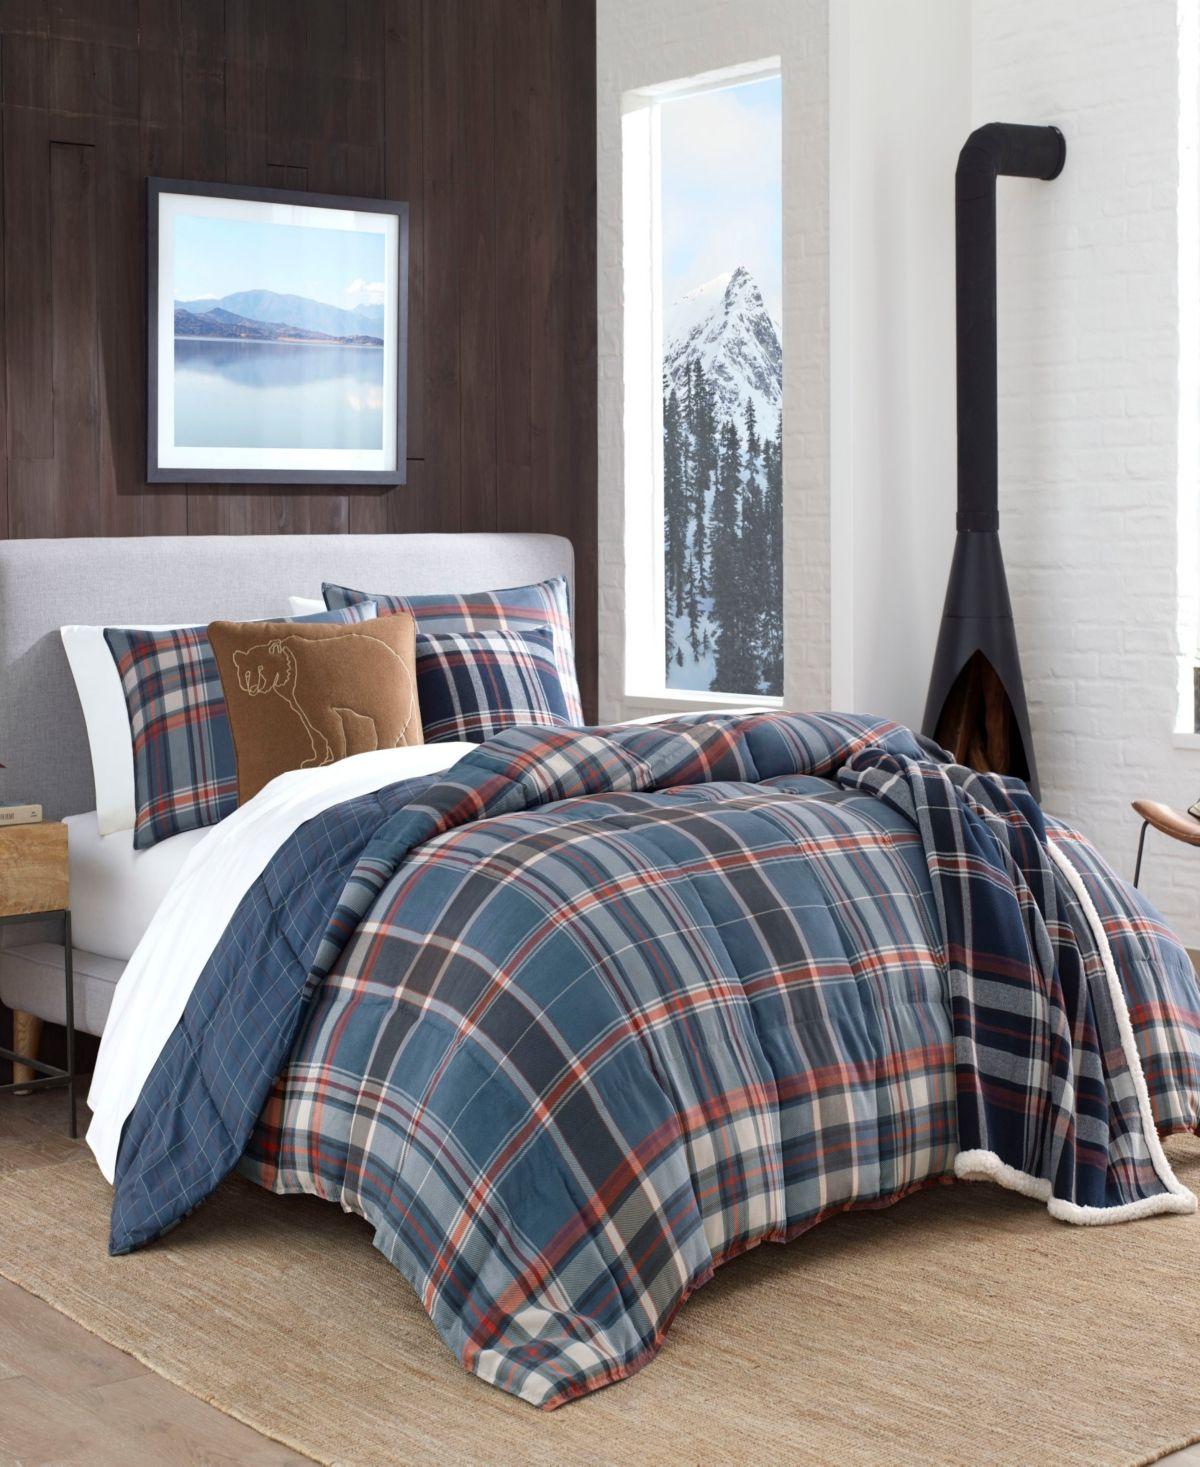 Eddie Bauer Shasta Lake Navy Comforter Set Full Queen Reviews